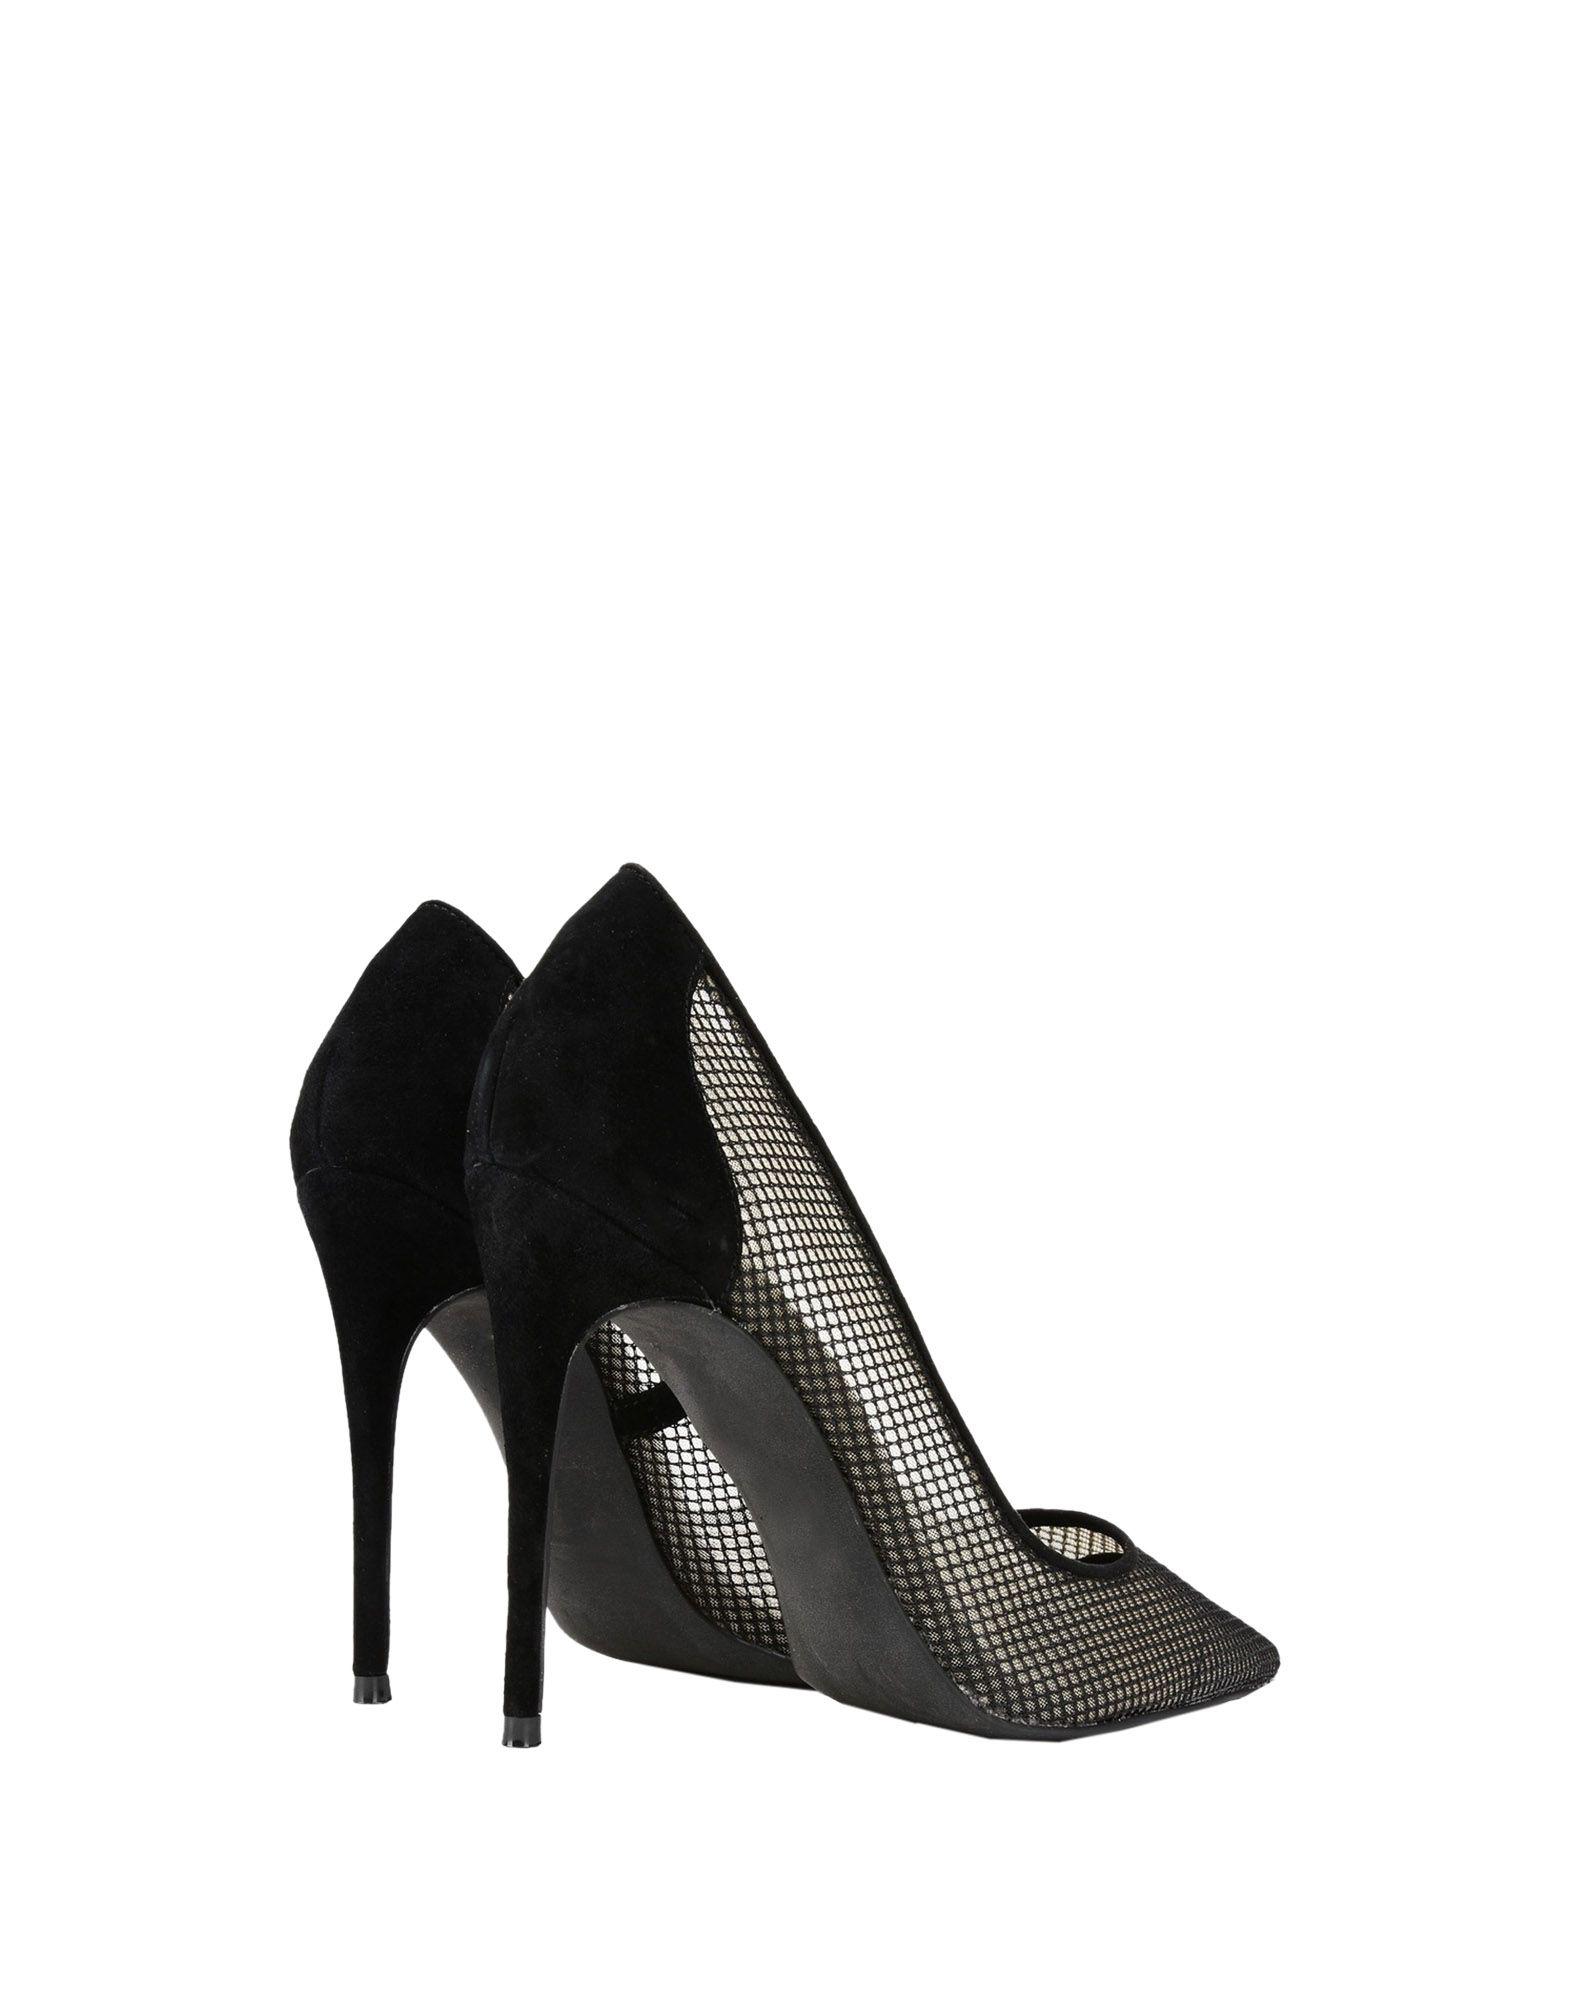 Steve Madden Darling Pump  11457451ND Gute Qualität beliebte Schuhe